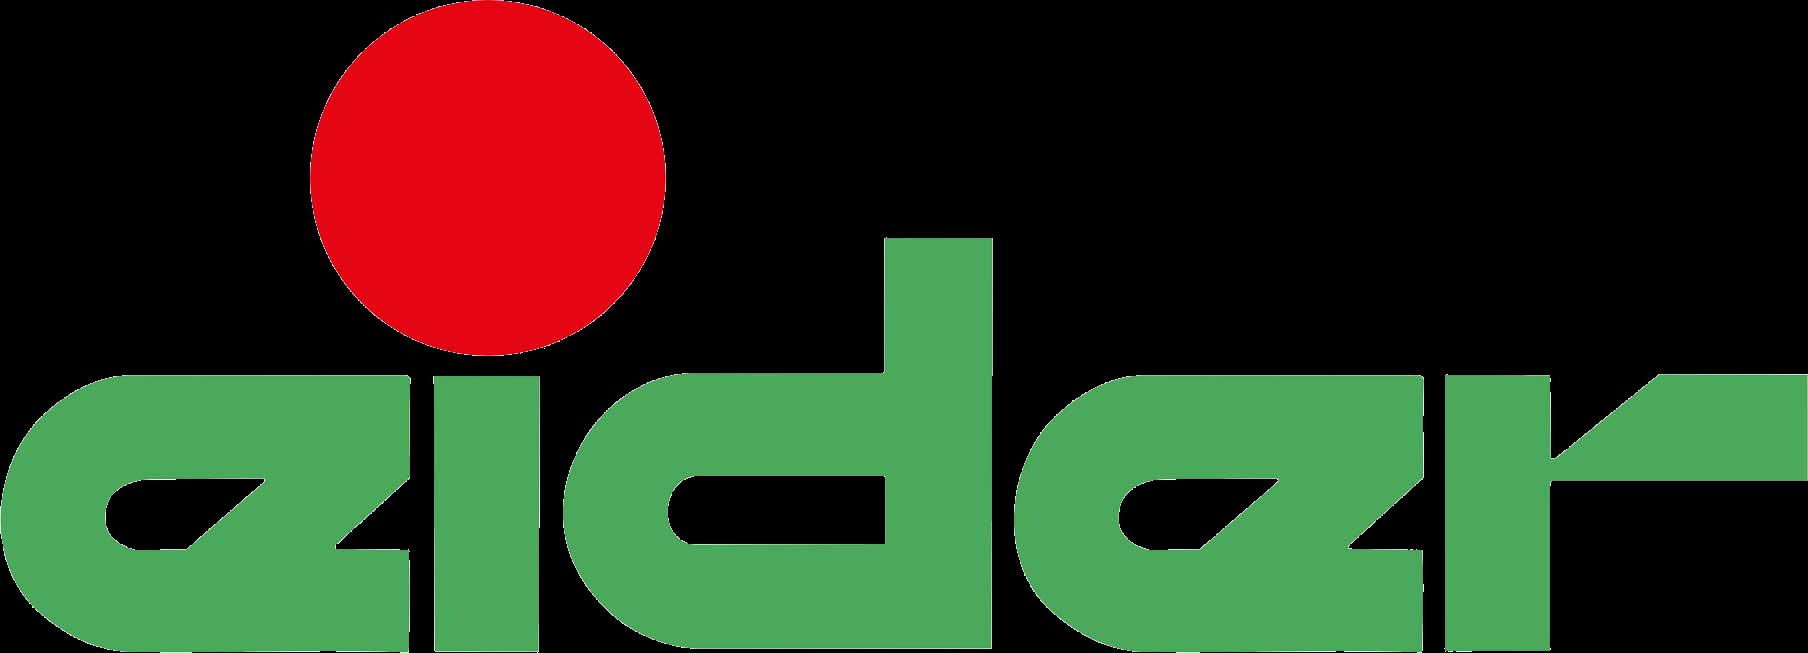 Eider Landgeräte GmbH